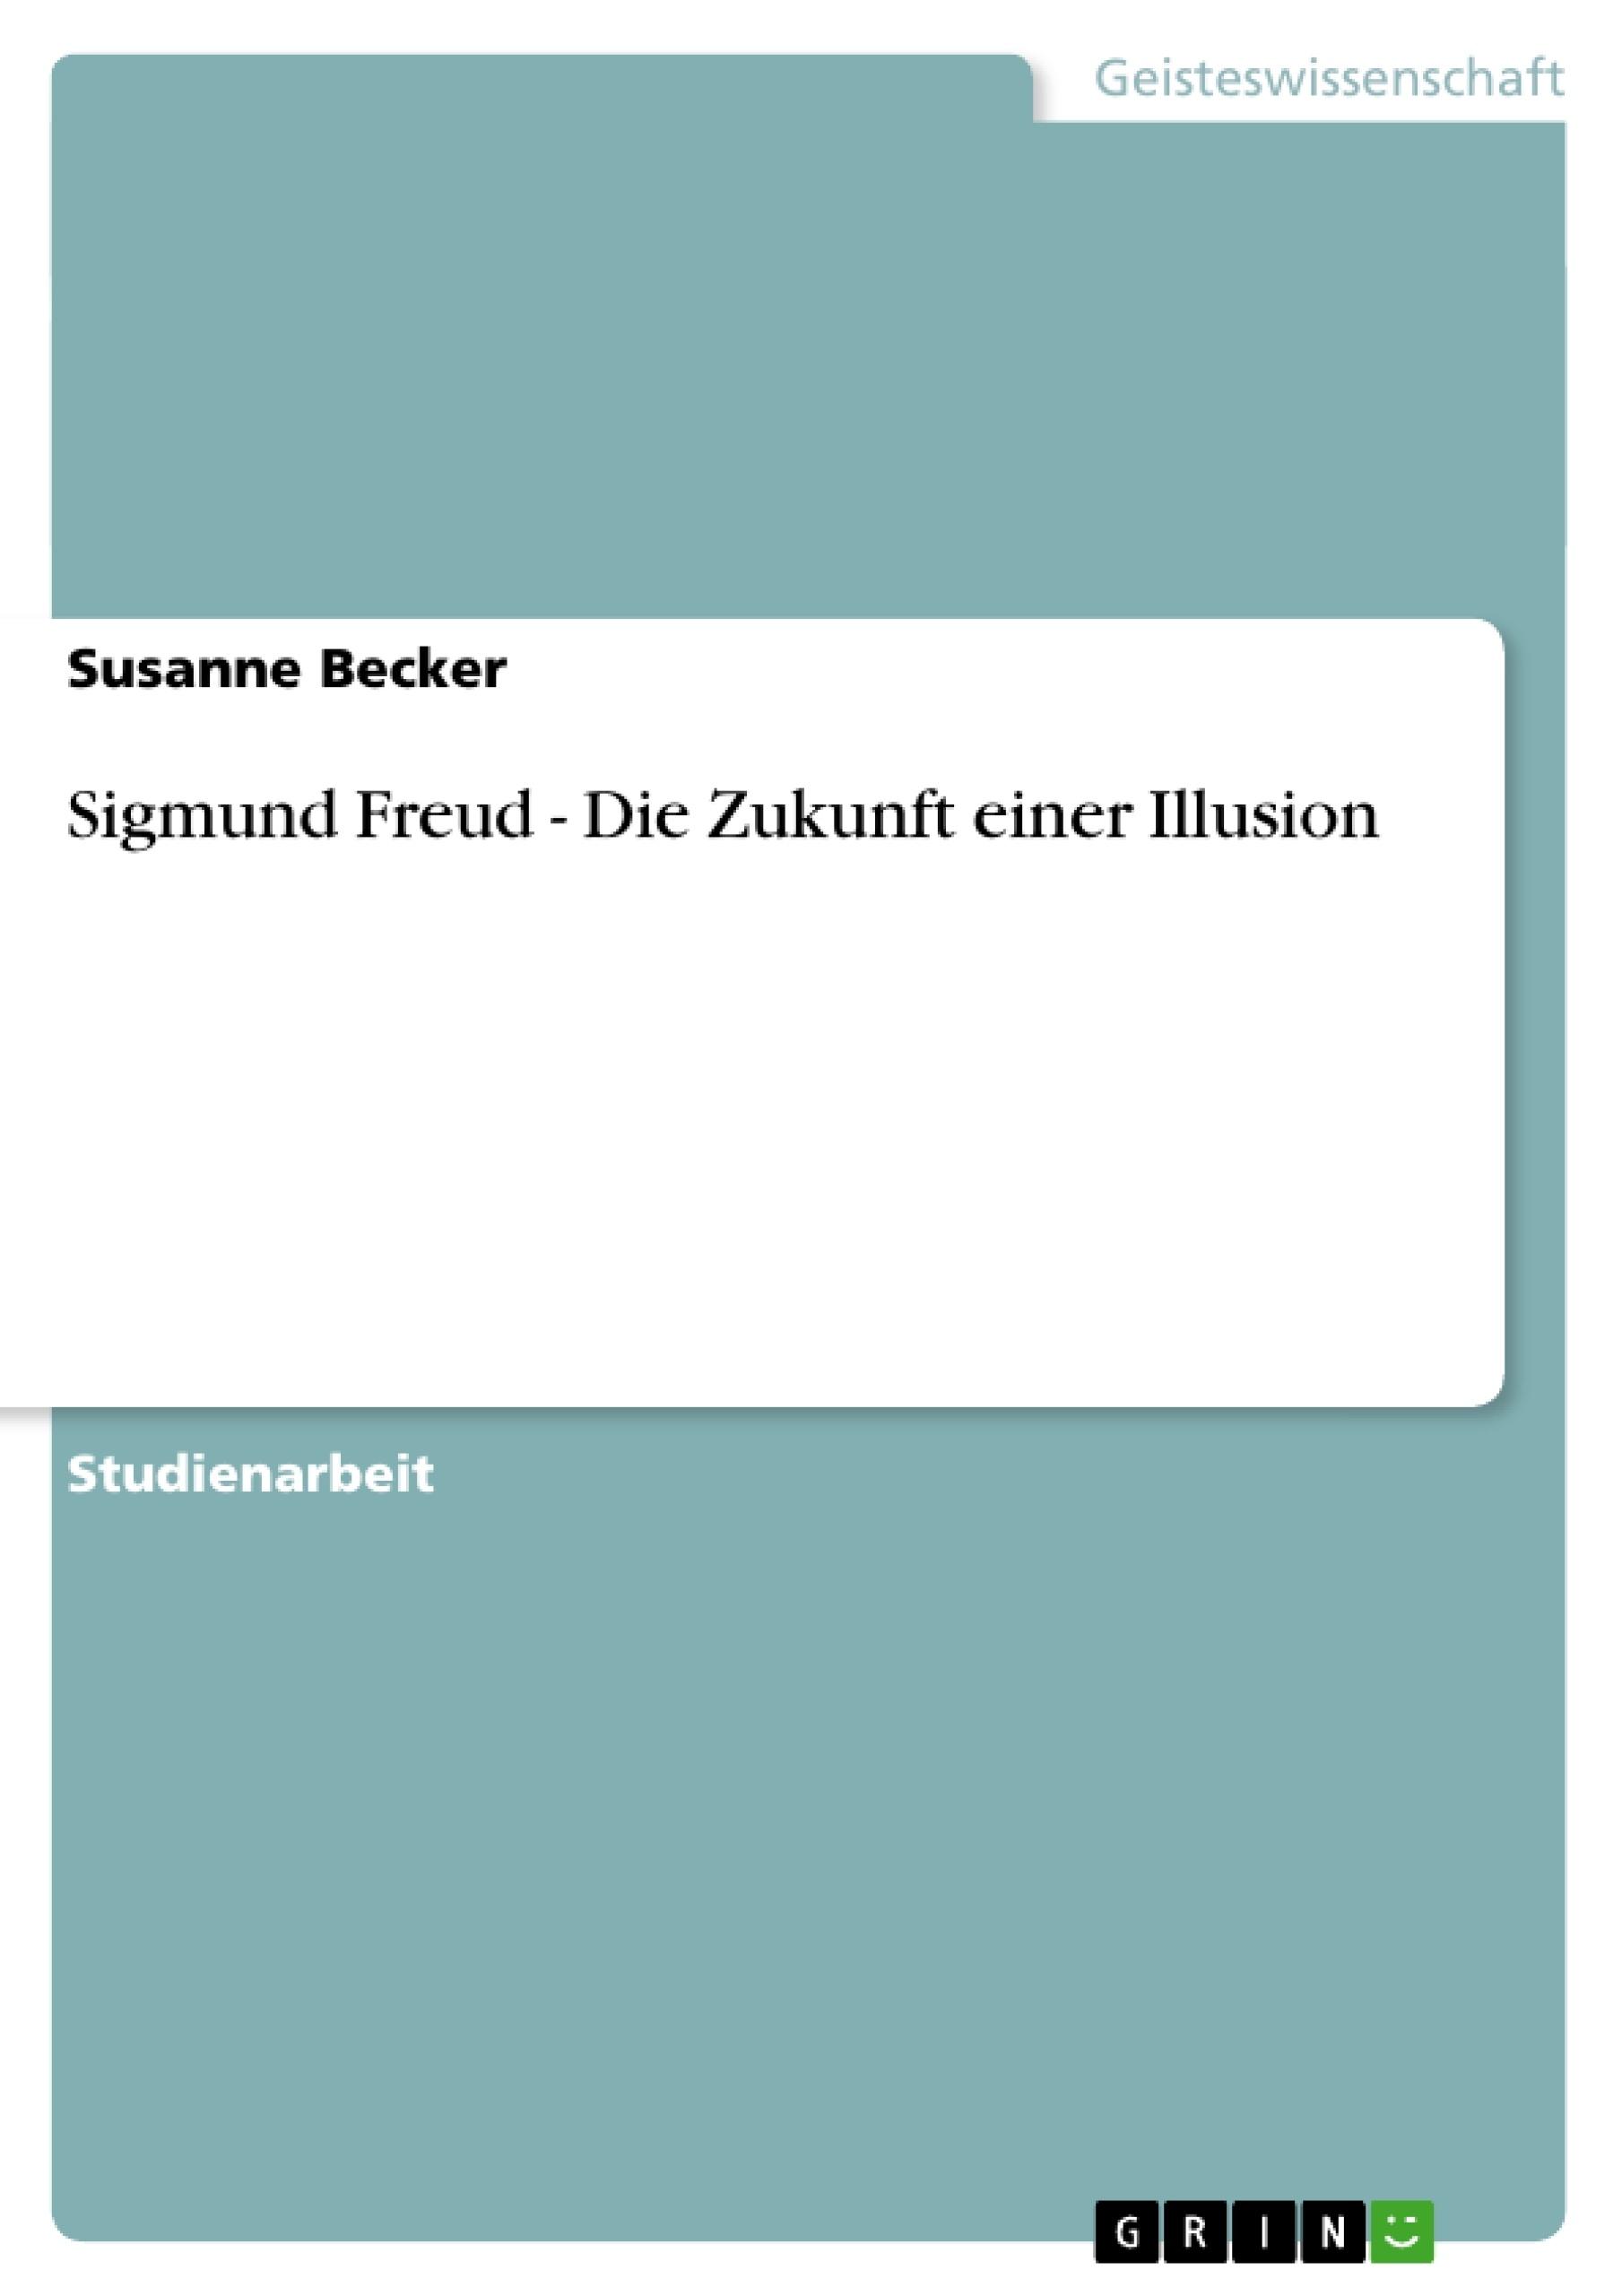 Titel: Sigmund Freud - Die Zukunft einer Illusion